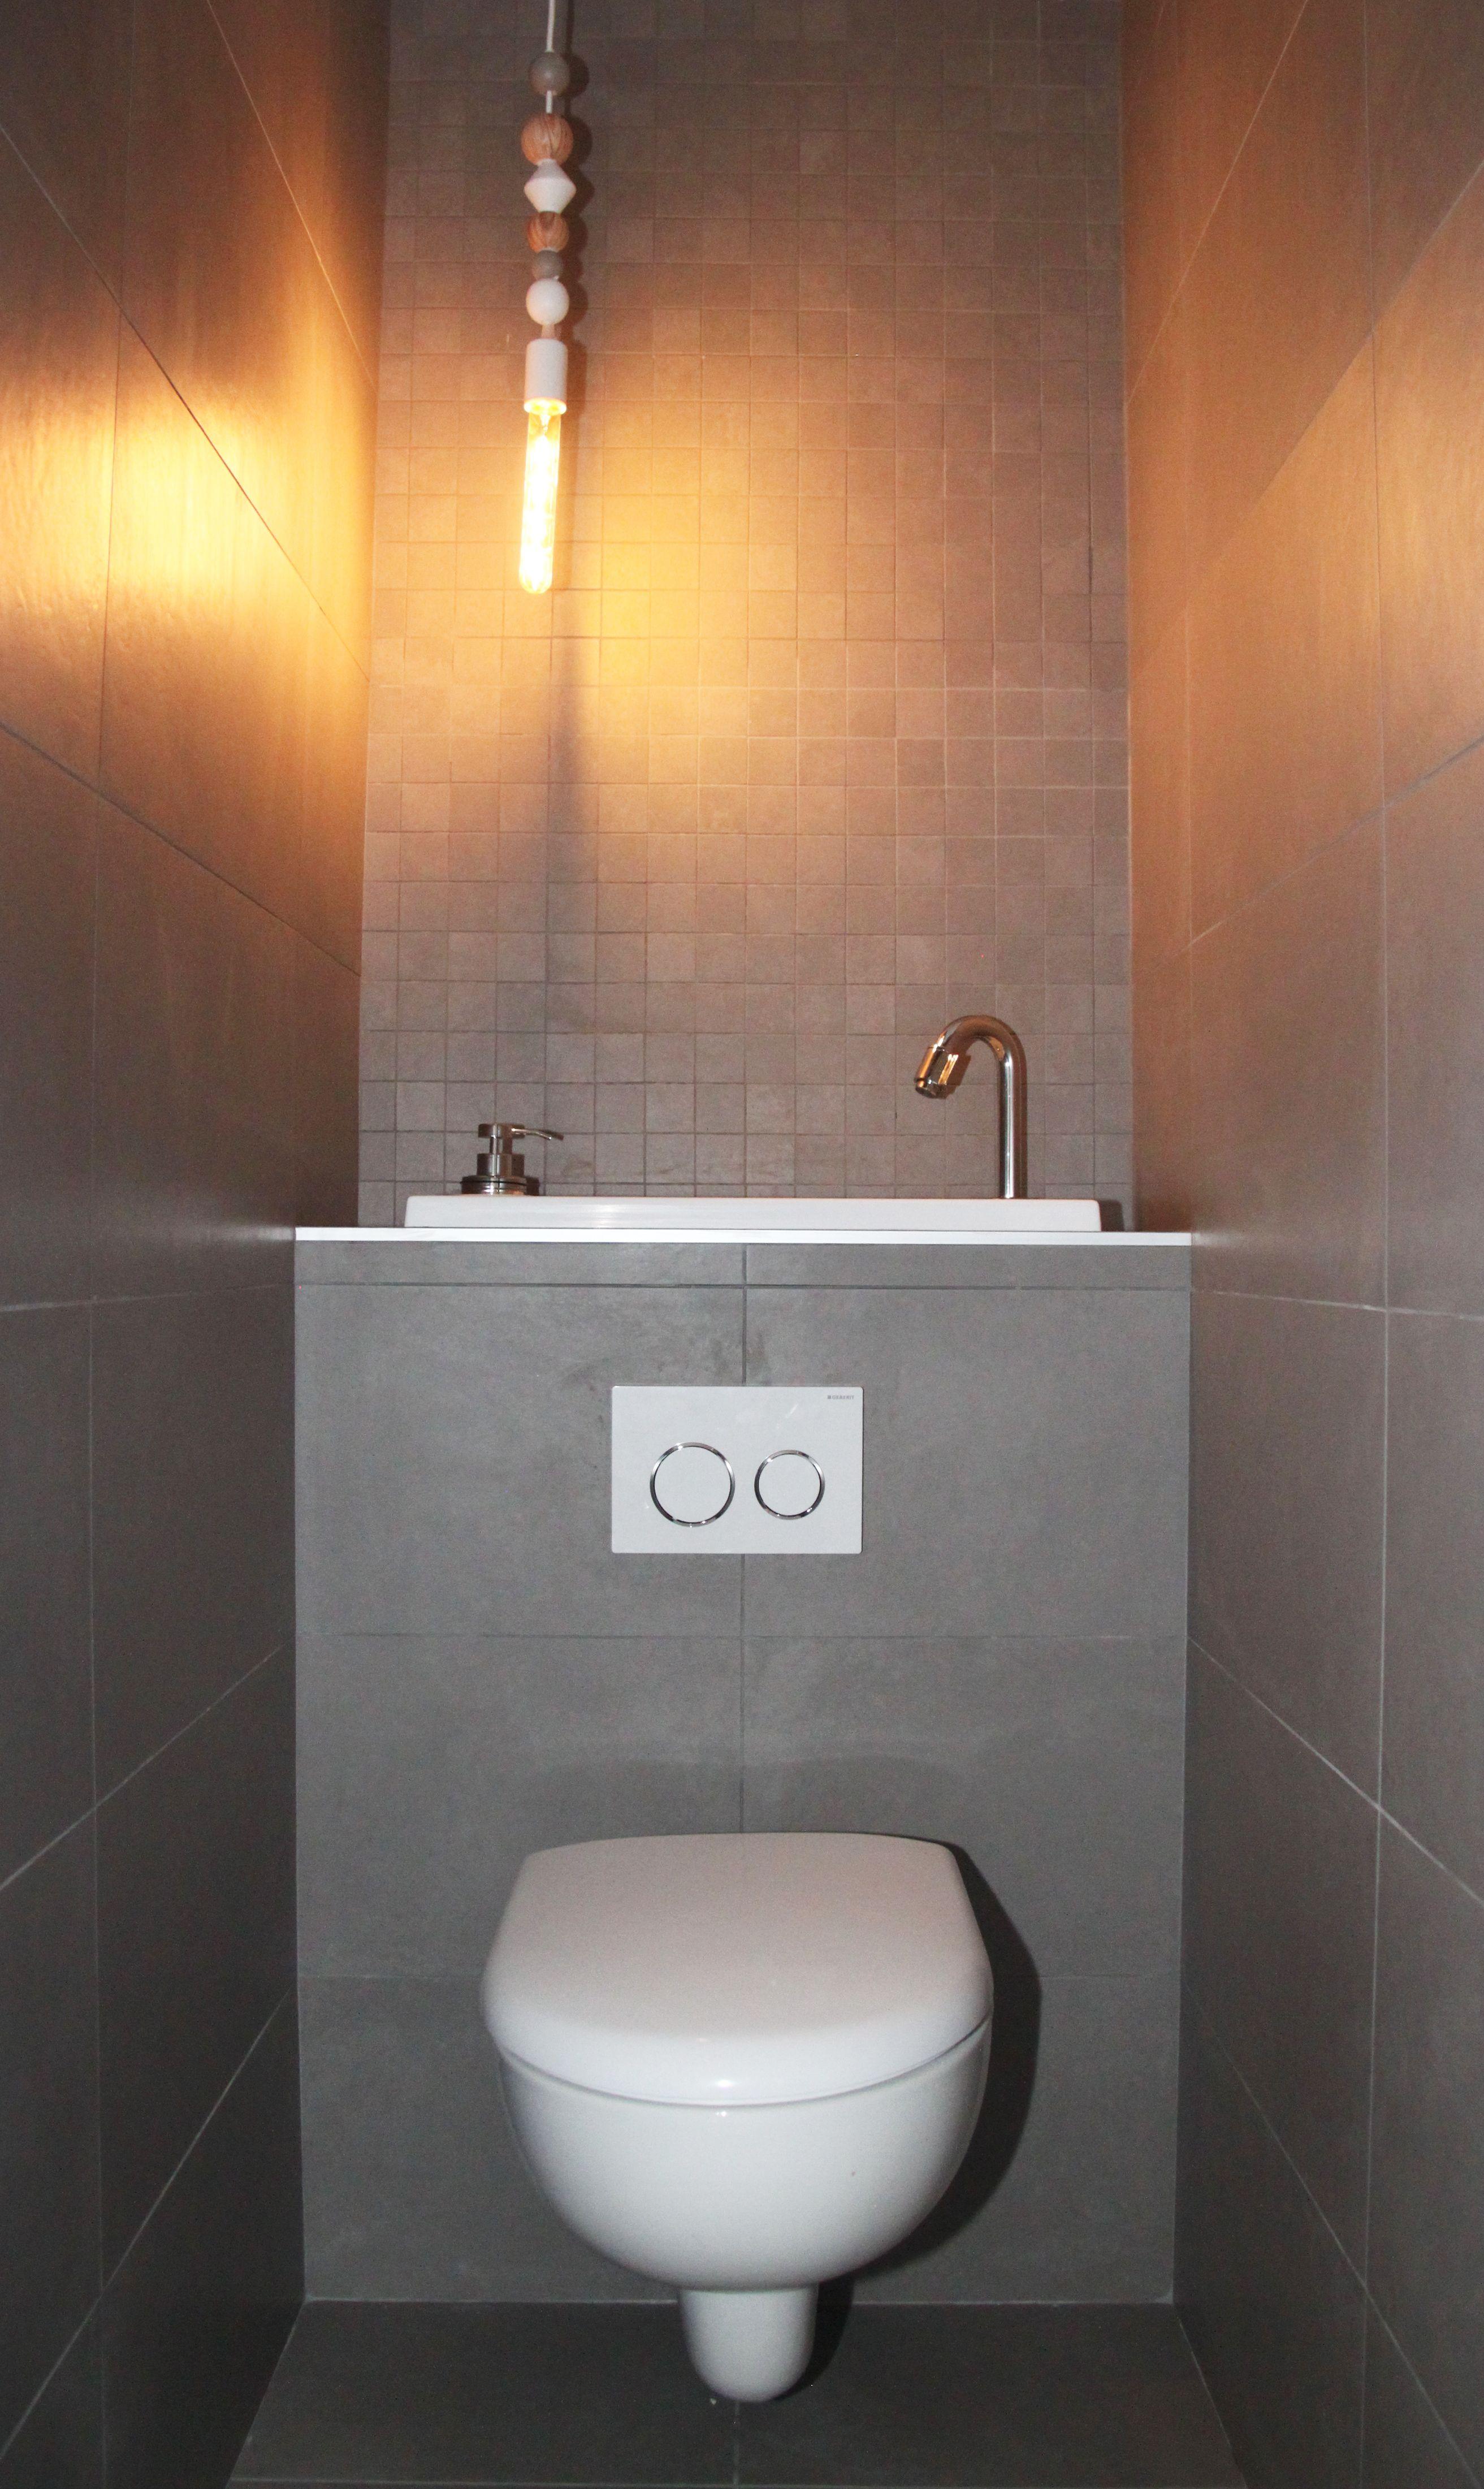 Epingle Par Ambay Laminates Sur Bathroom En 2020 Toilette